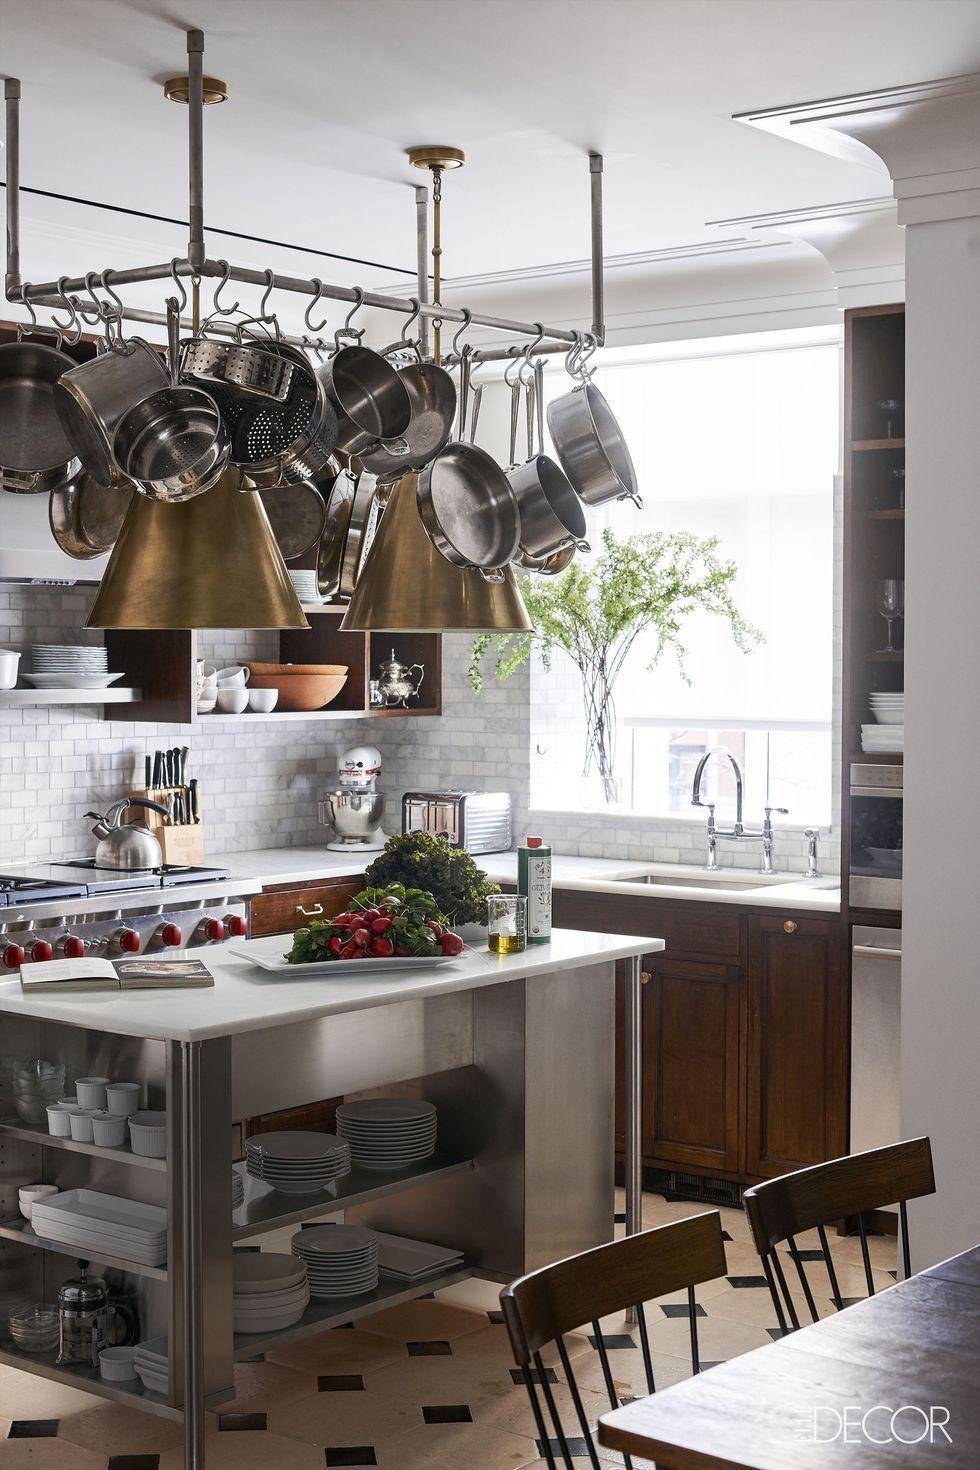 25 best gray kitchen ideas - photos of modern gray kitchen cabinets